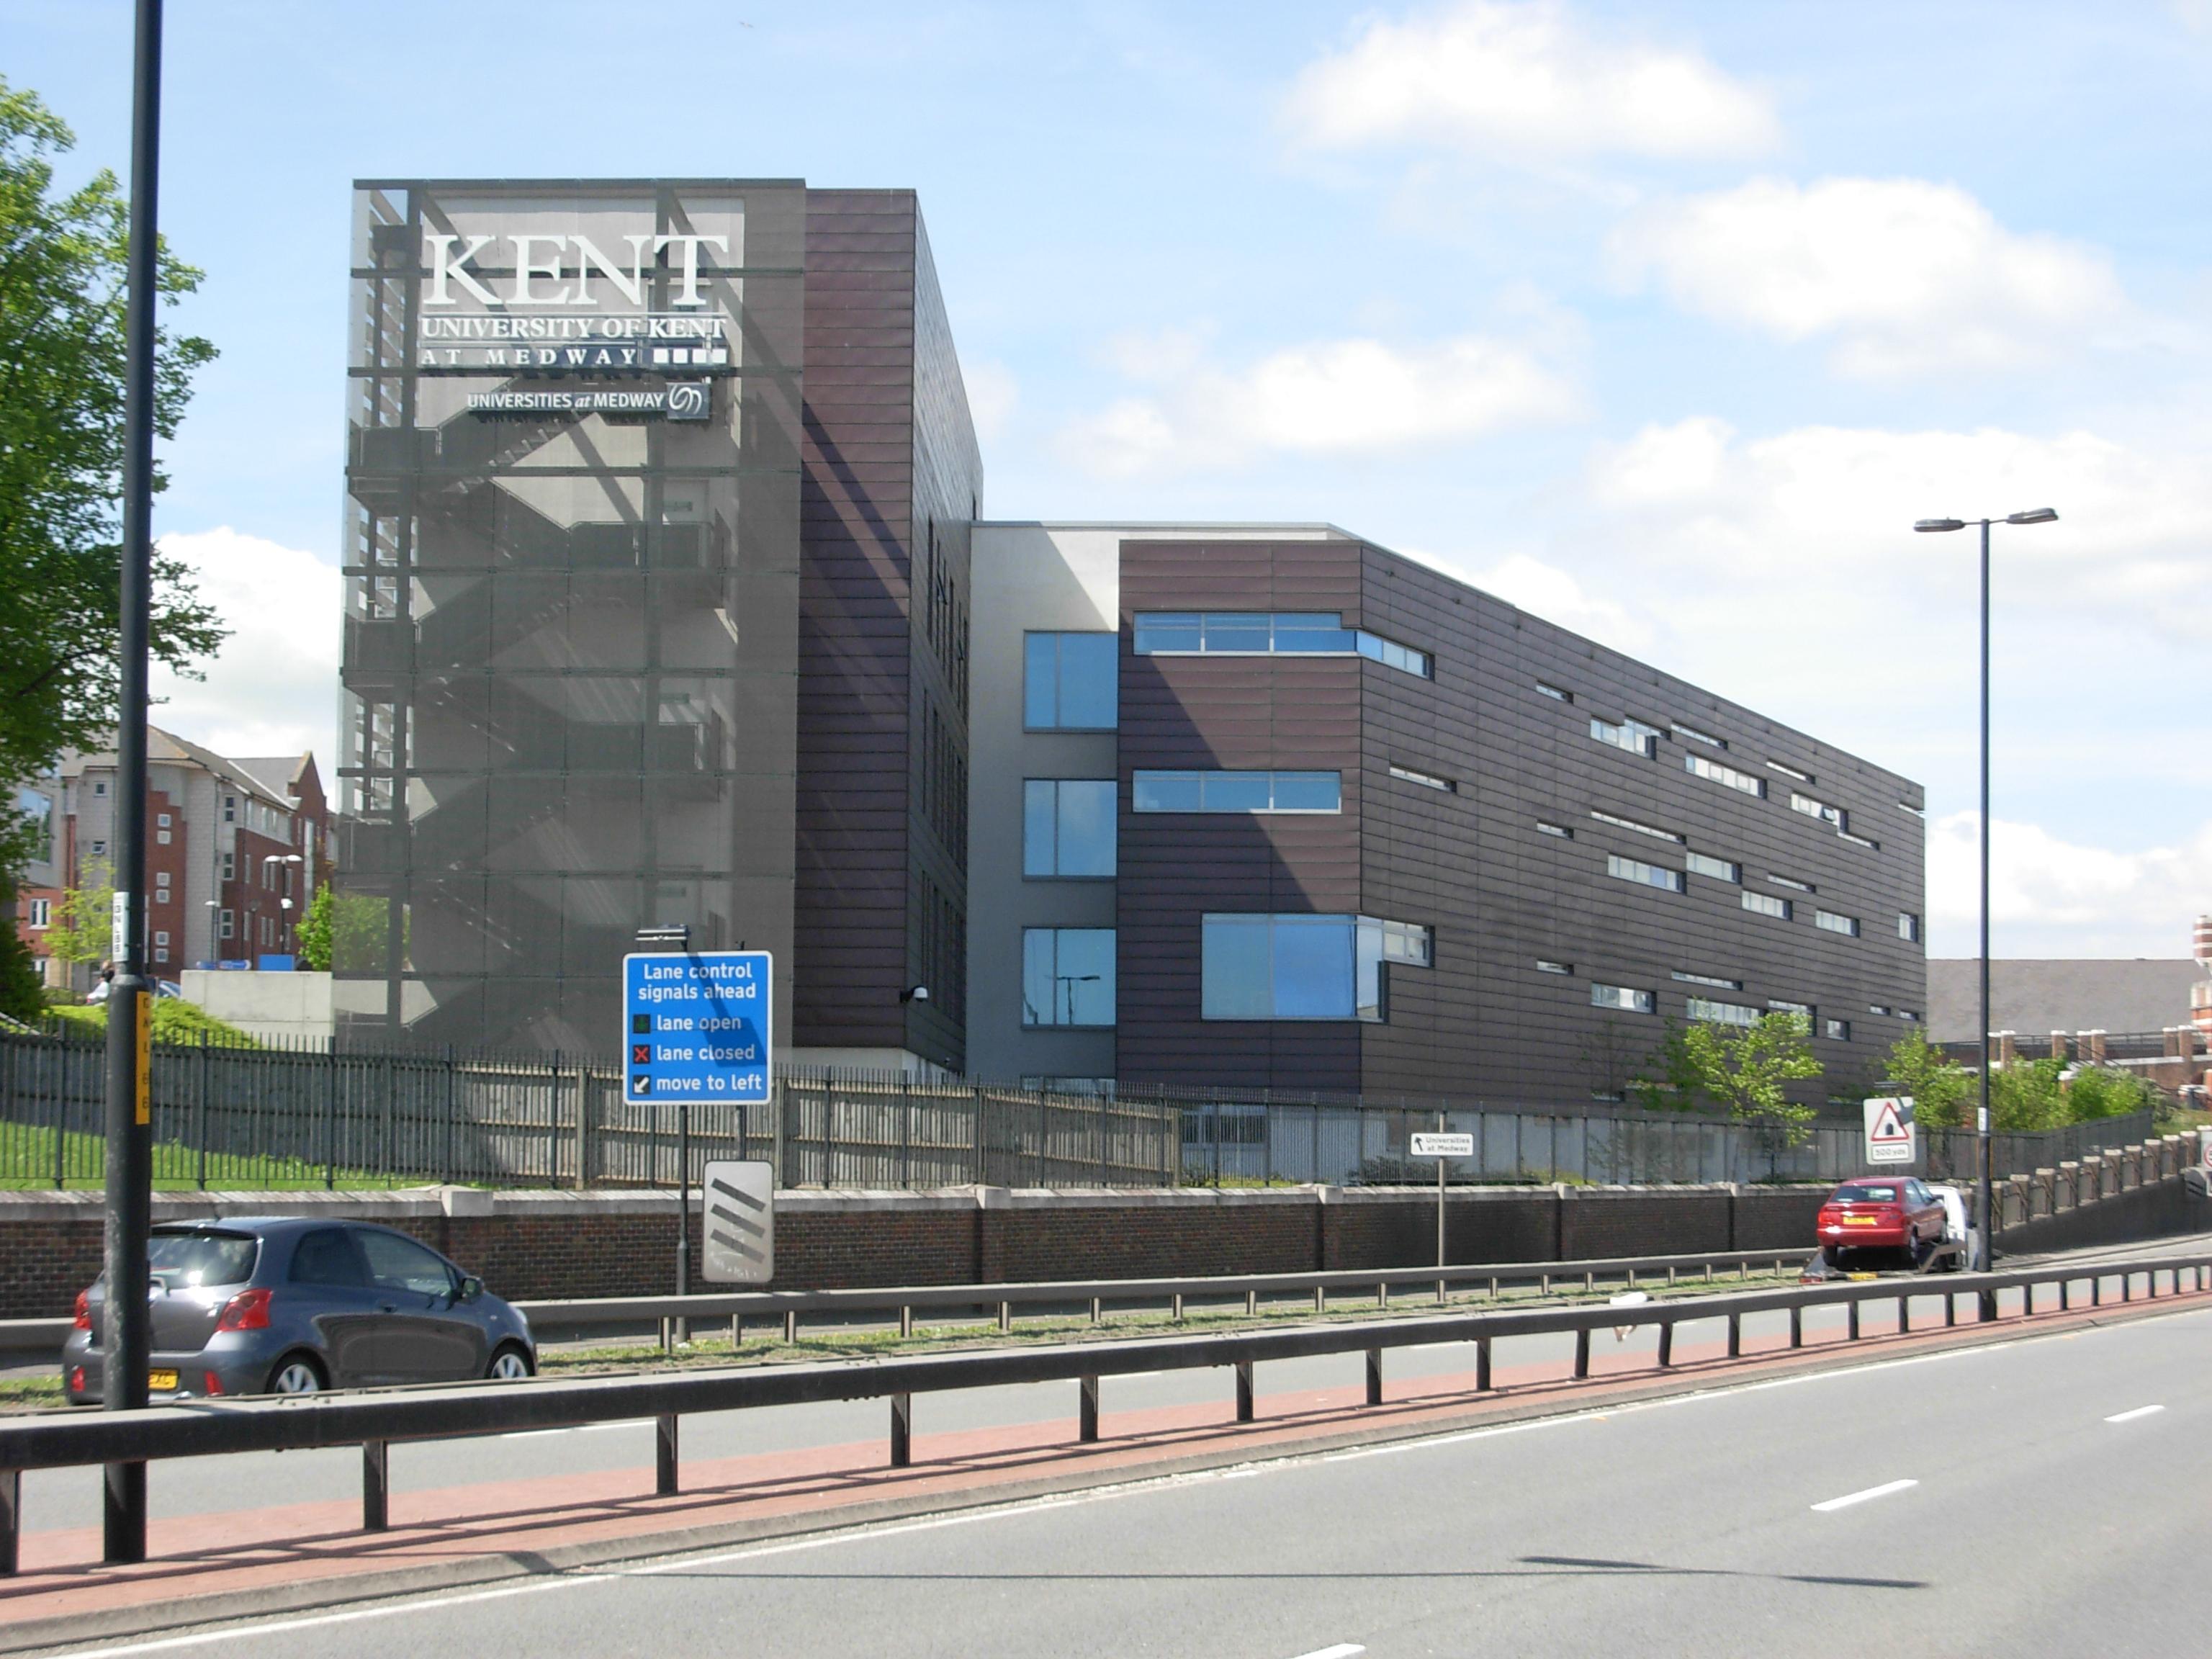 University Of Kent Iain Wilkinson Student Room